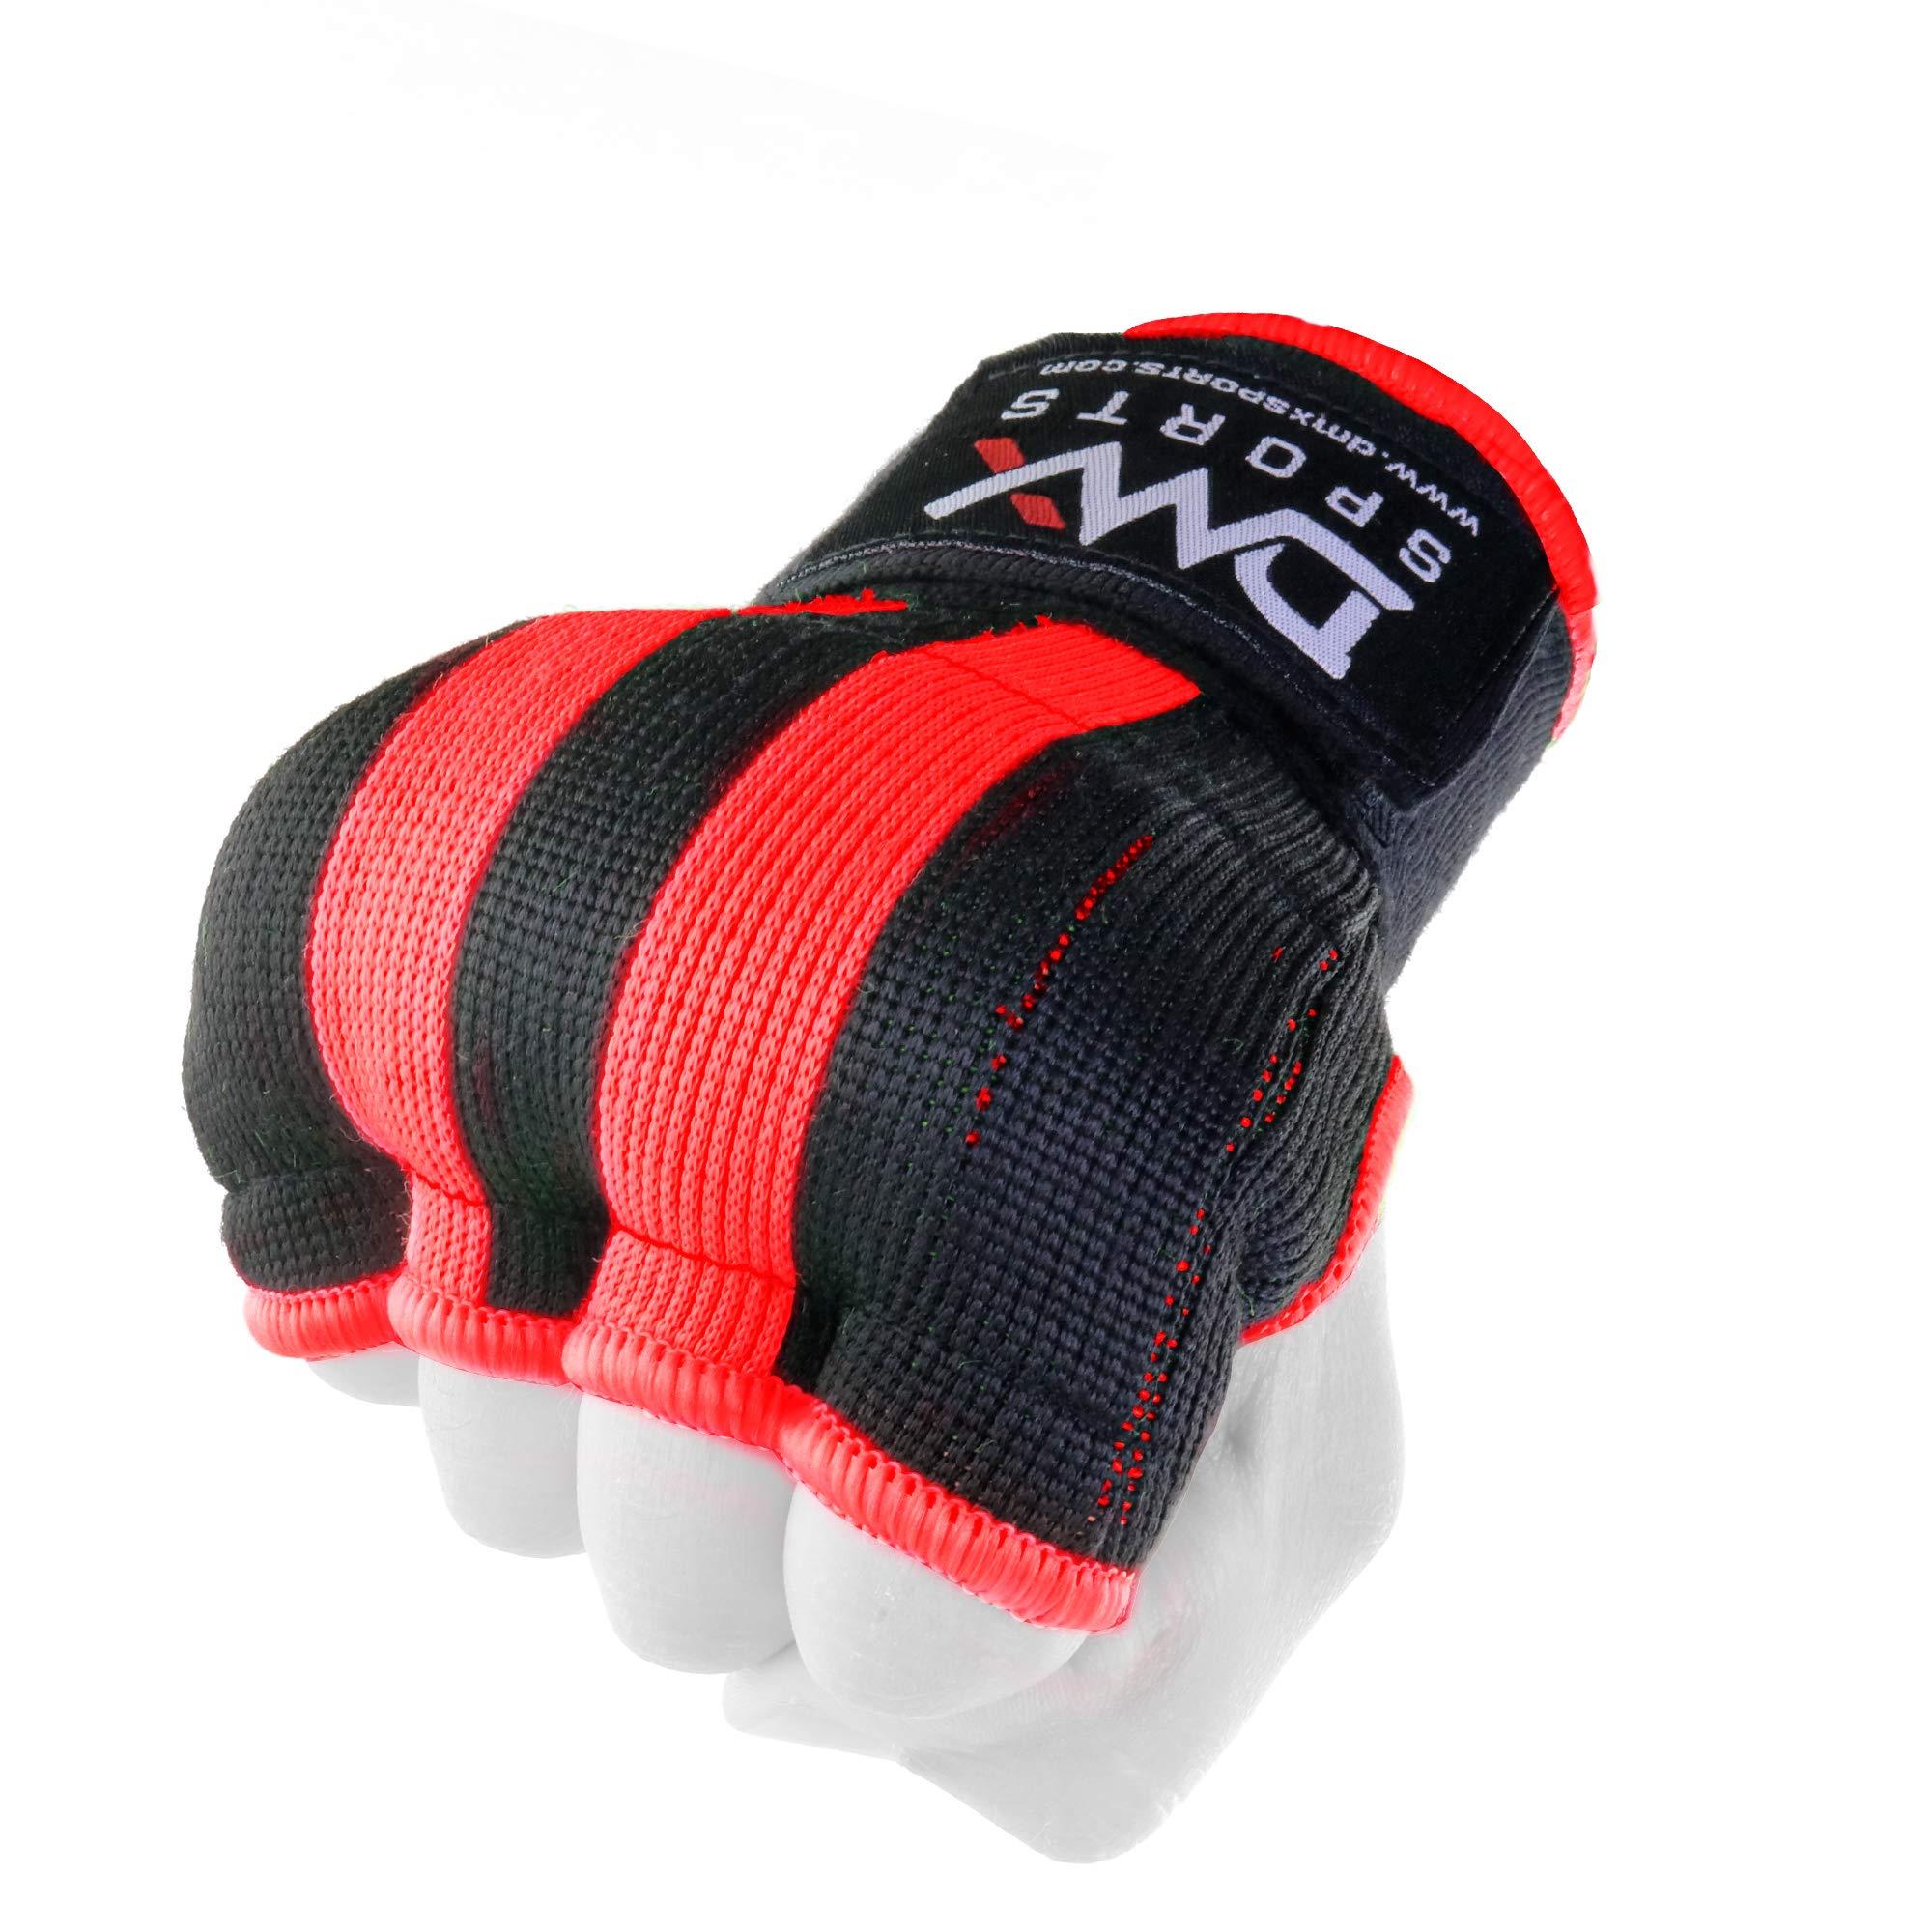 DMX - Guantes de Entrenamiento con Interior Acolchado de Gel para Boxeo y Artes Marciales Mixtas, XXL, Negro/Rojo: Amazon.es: Deportes y aire libre